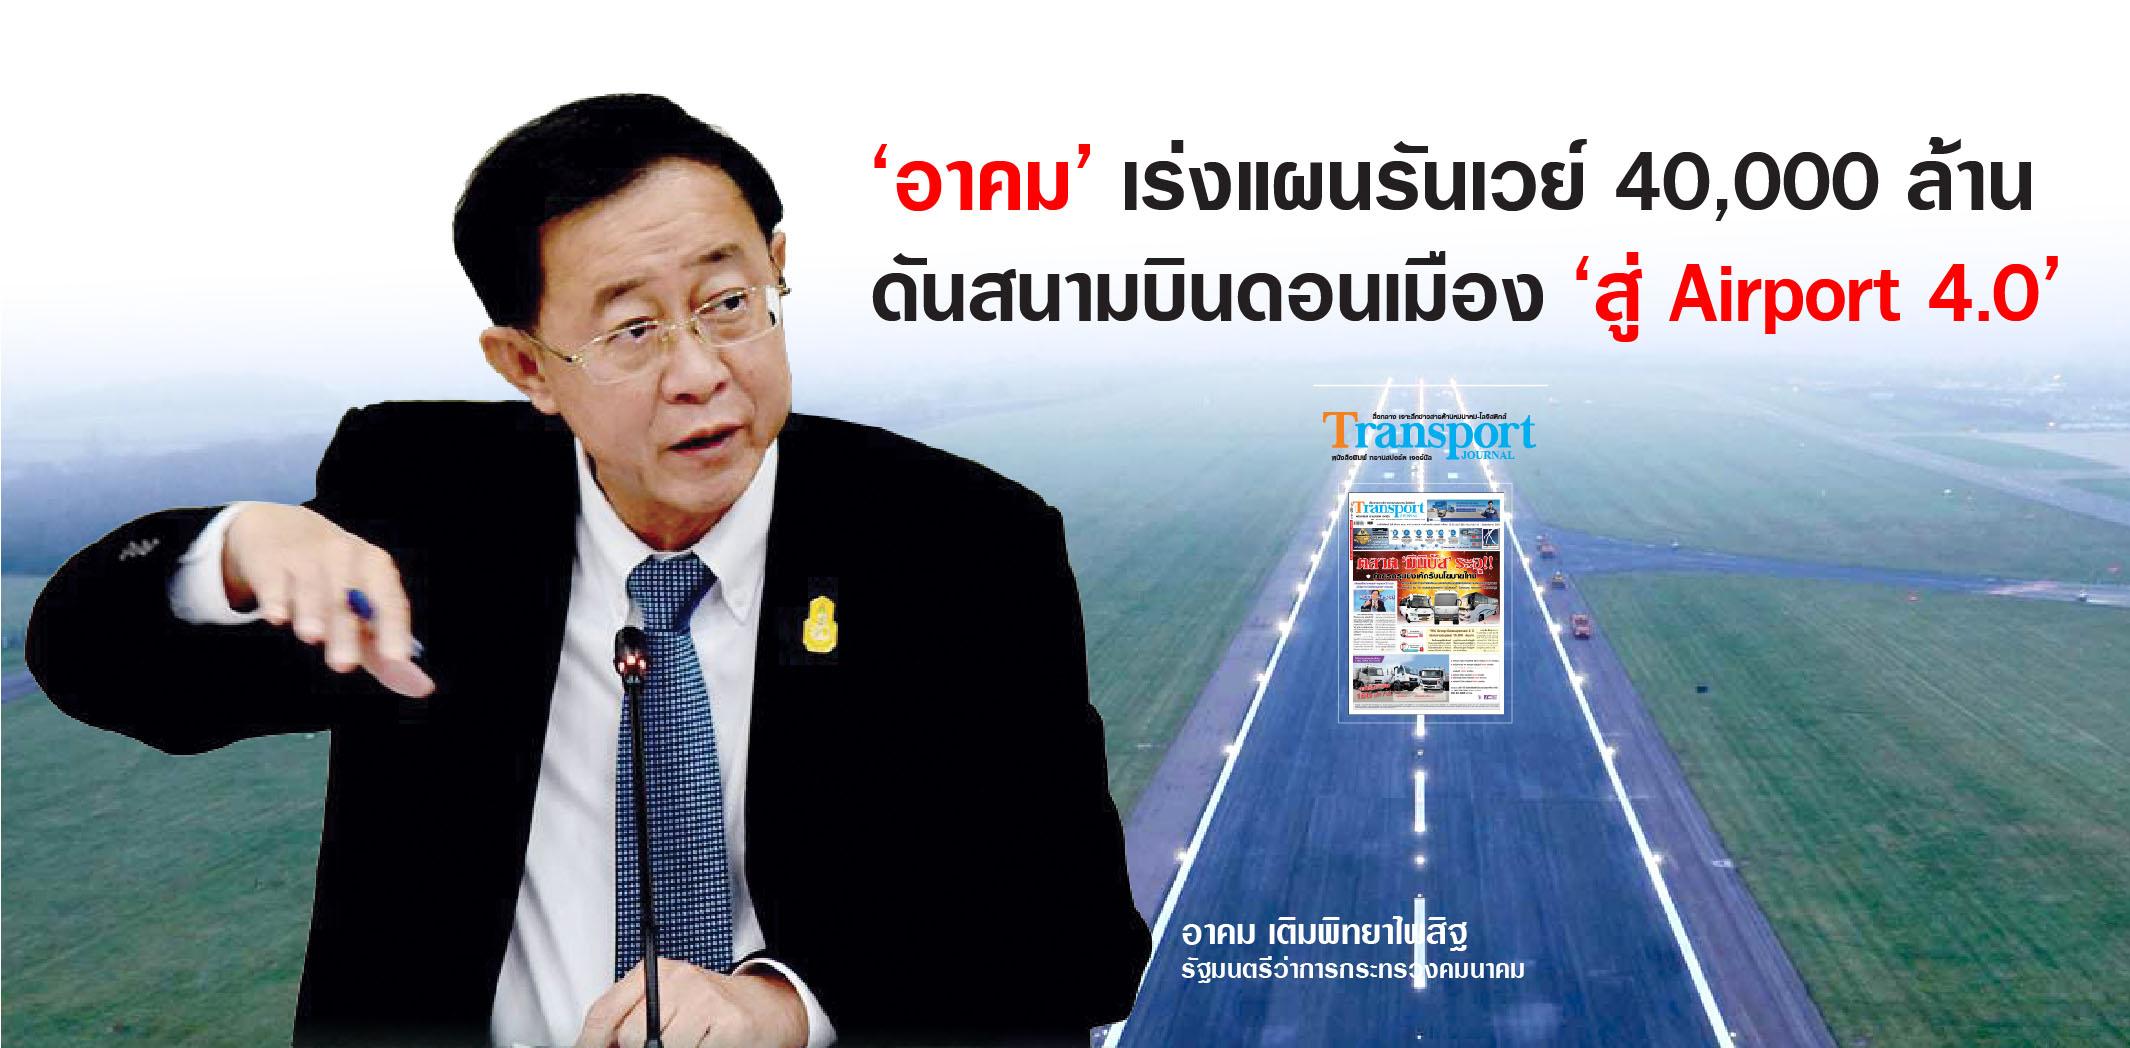 'อาคม' เร่งแผนรันเวย์ 4 หมื่นล้าน ดันสนามบินดอนเมือง 'สู่ Airport 4.0'